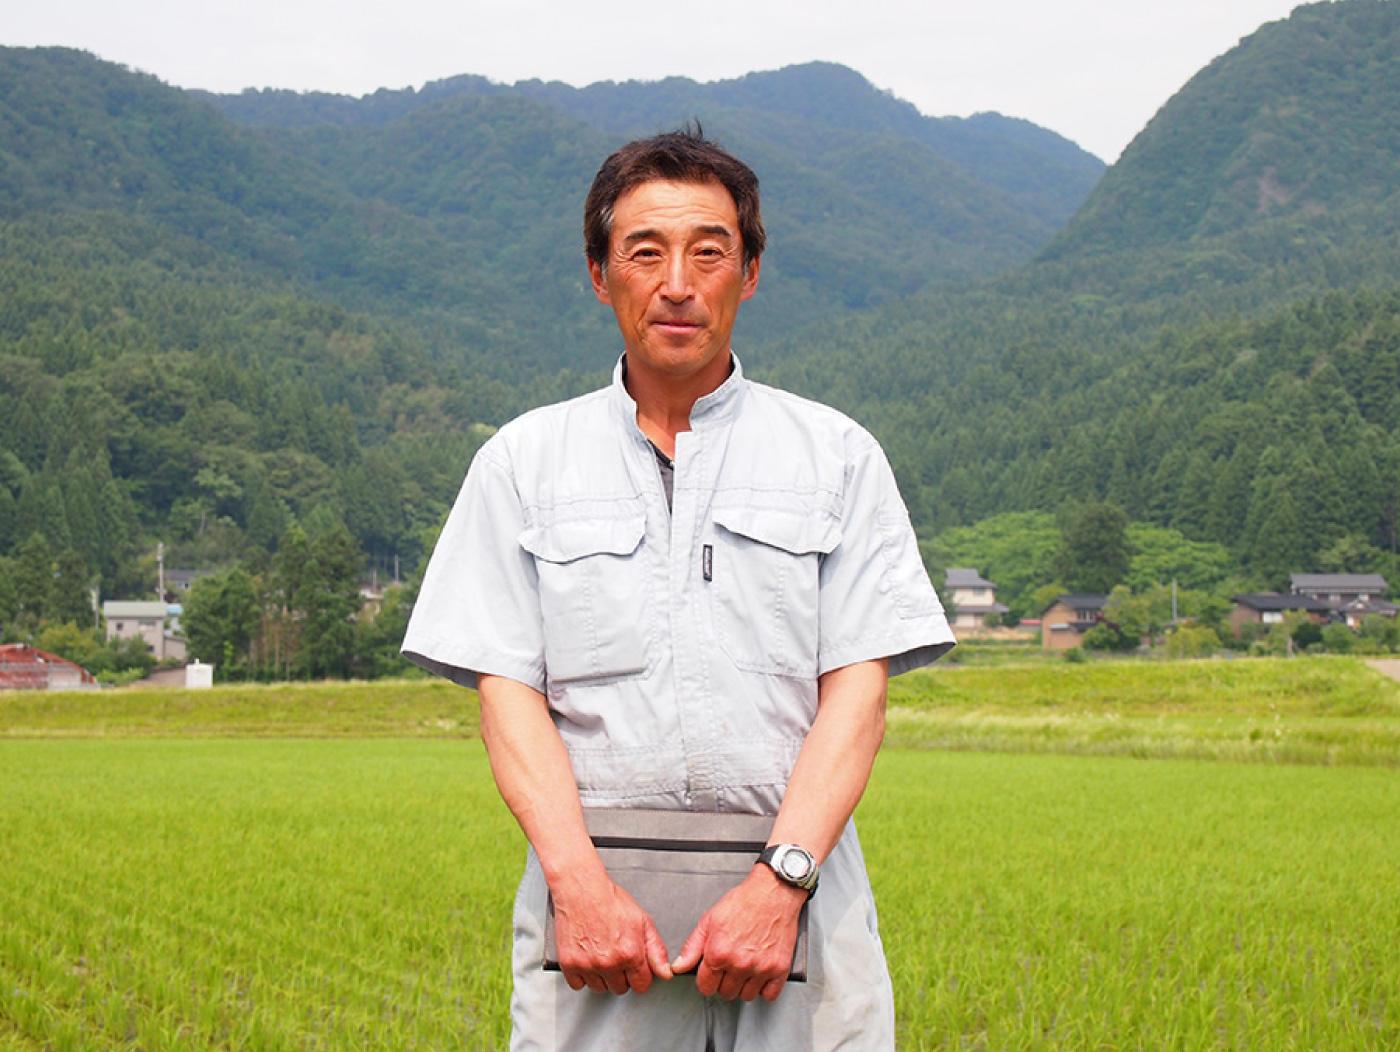 株式会社清耕園ファーム 代表取締役 横井 清一郎 様